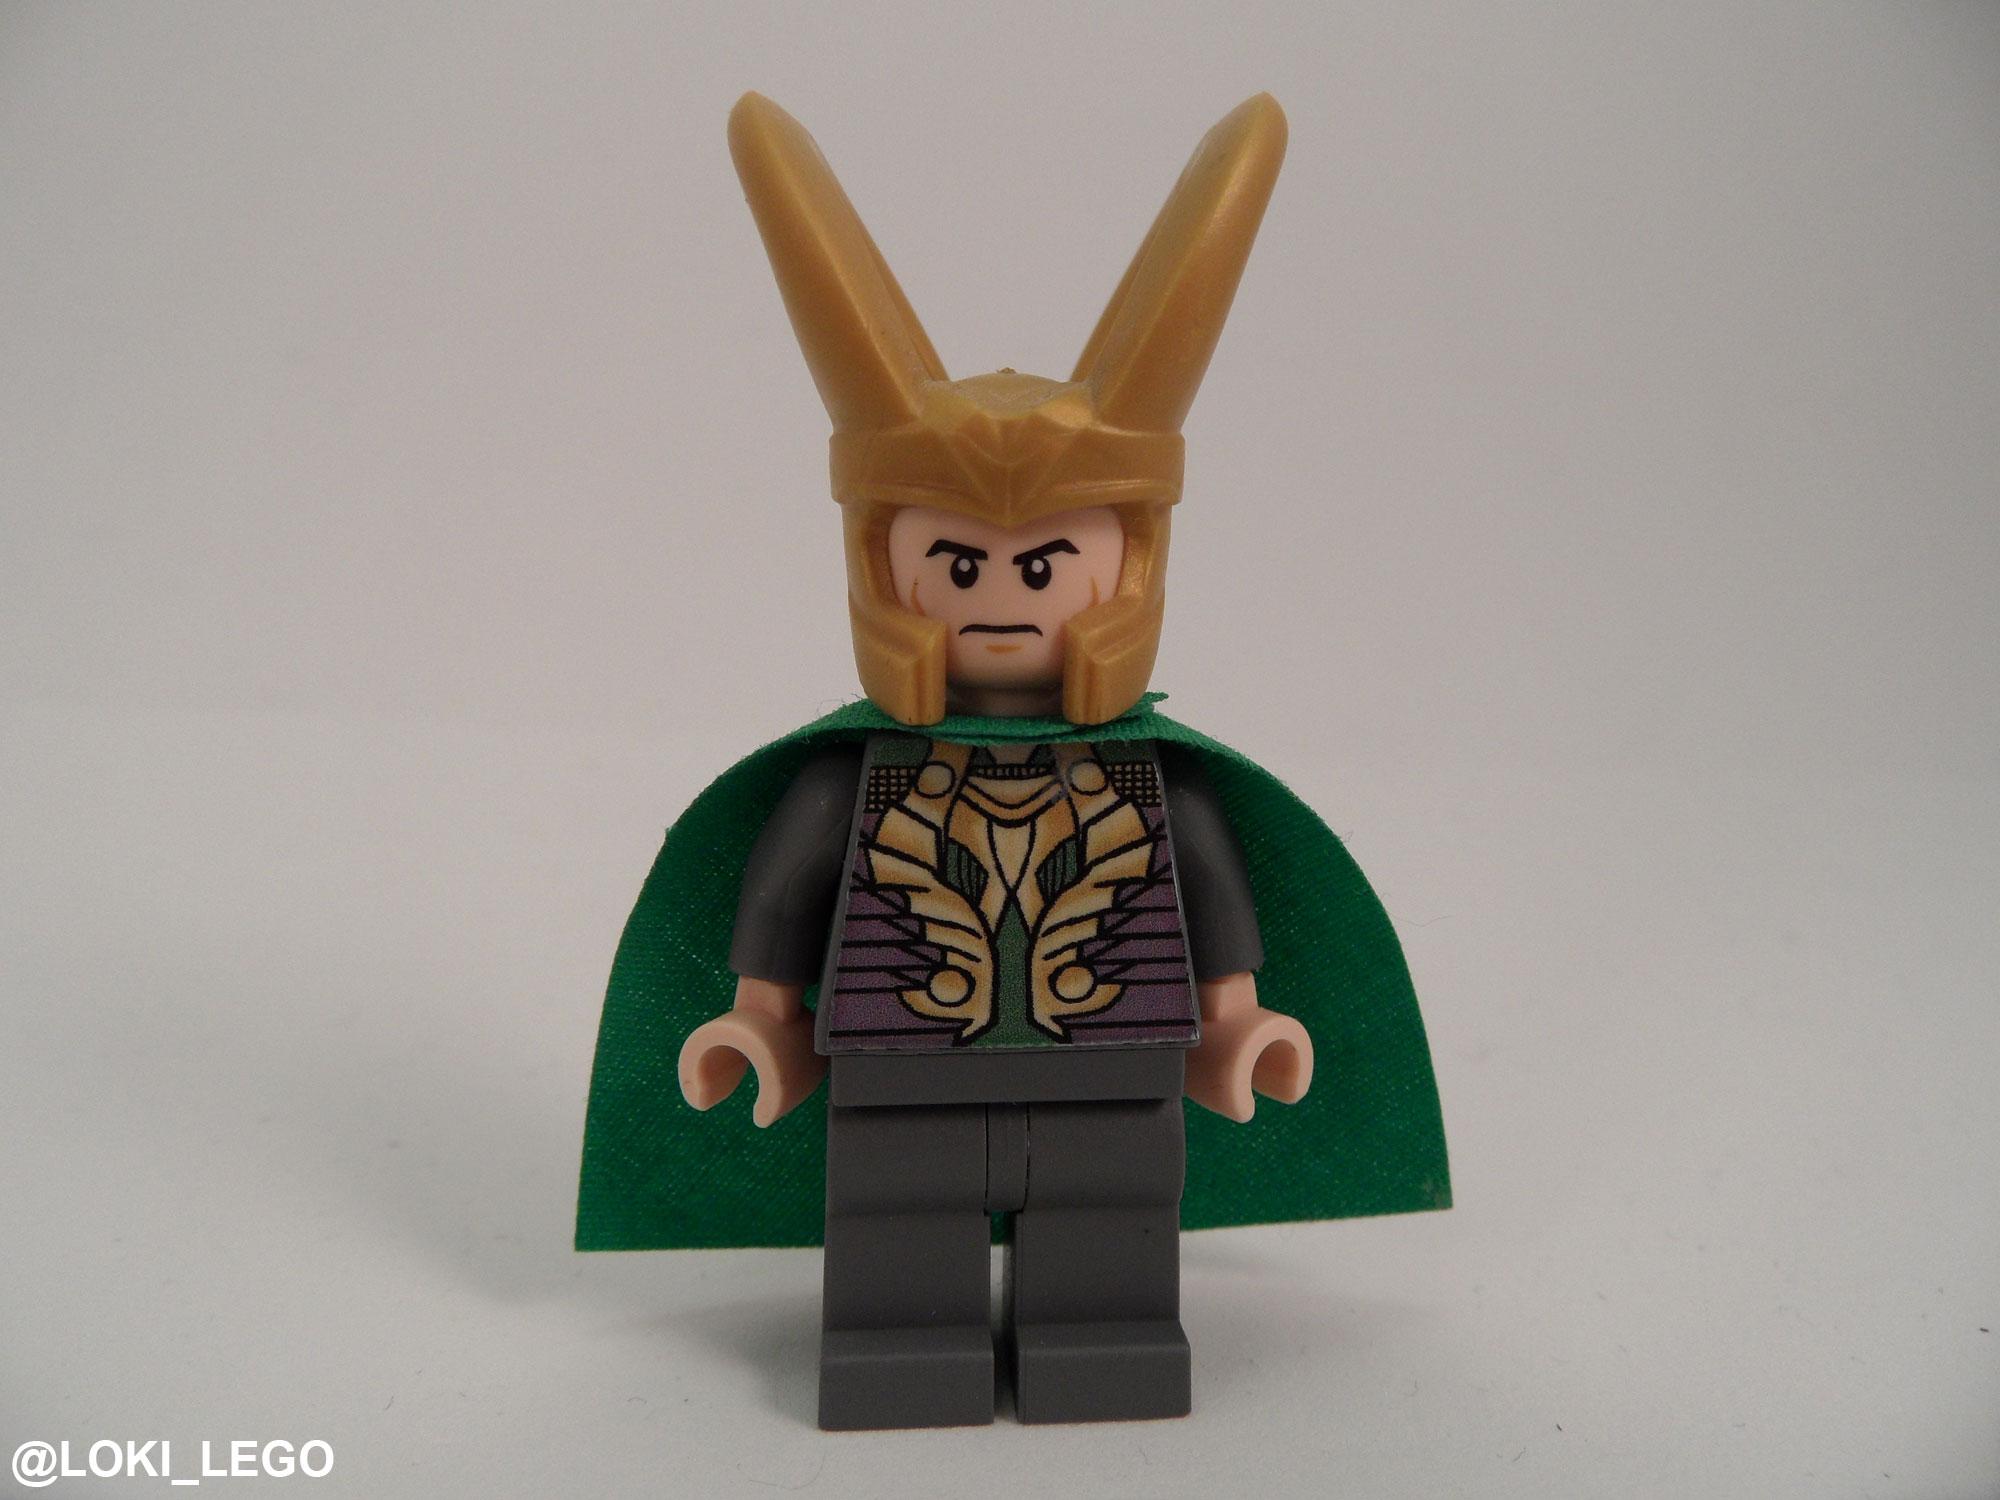 thor-ragnarok-lego-set-8